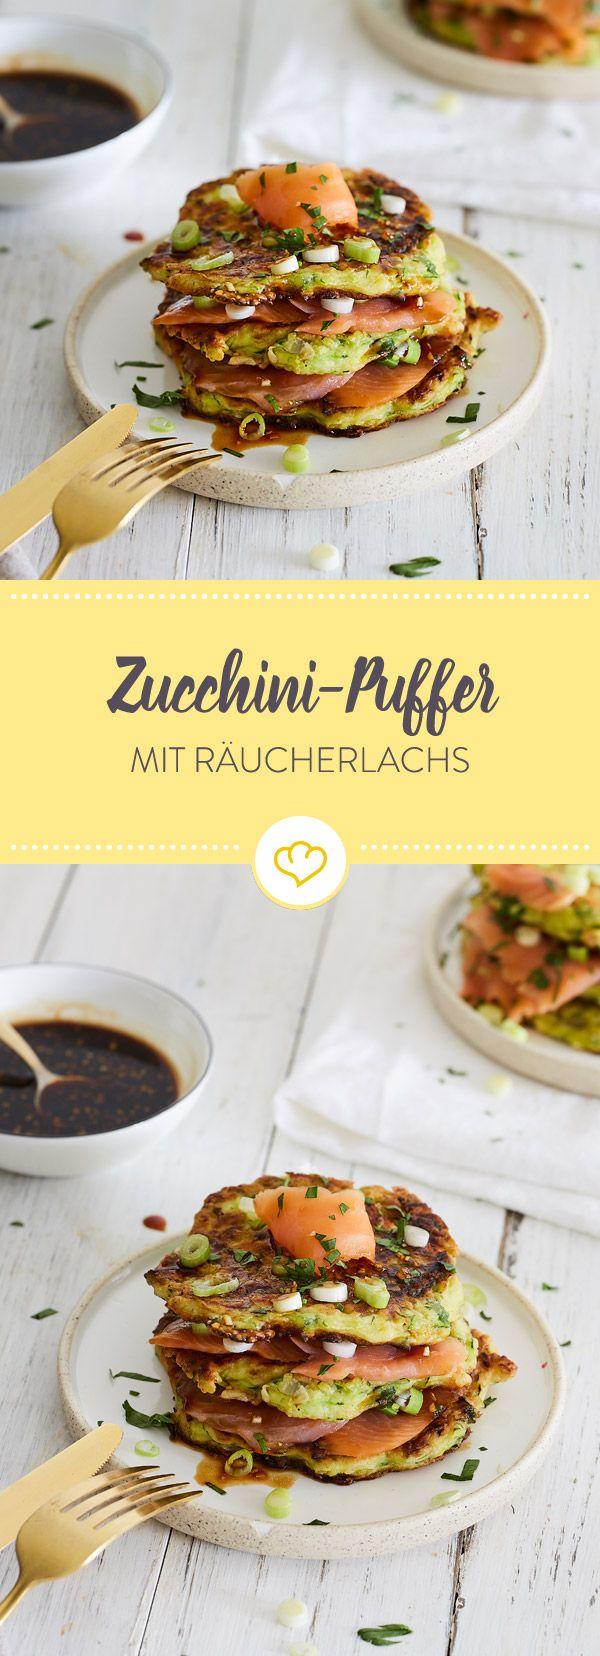 zucchini puffer mit teriyaki sauce und r ucherlachs rezept fisch pinterest. Black Bedroom Furniture Sets. Home Design Ideas